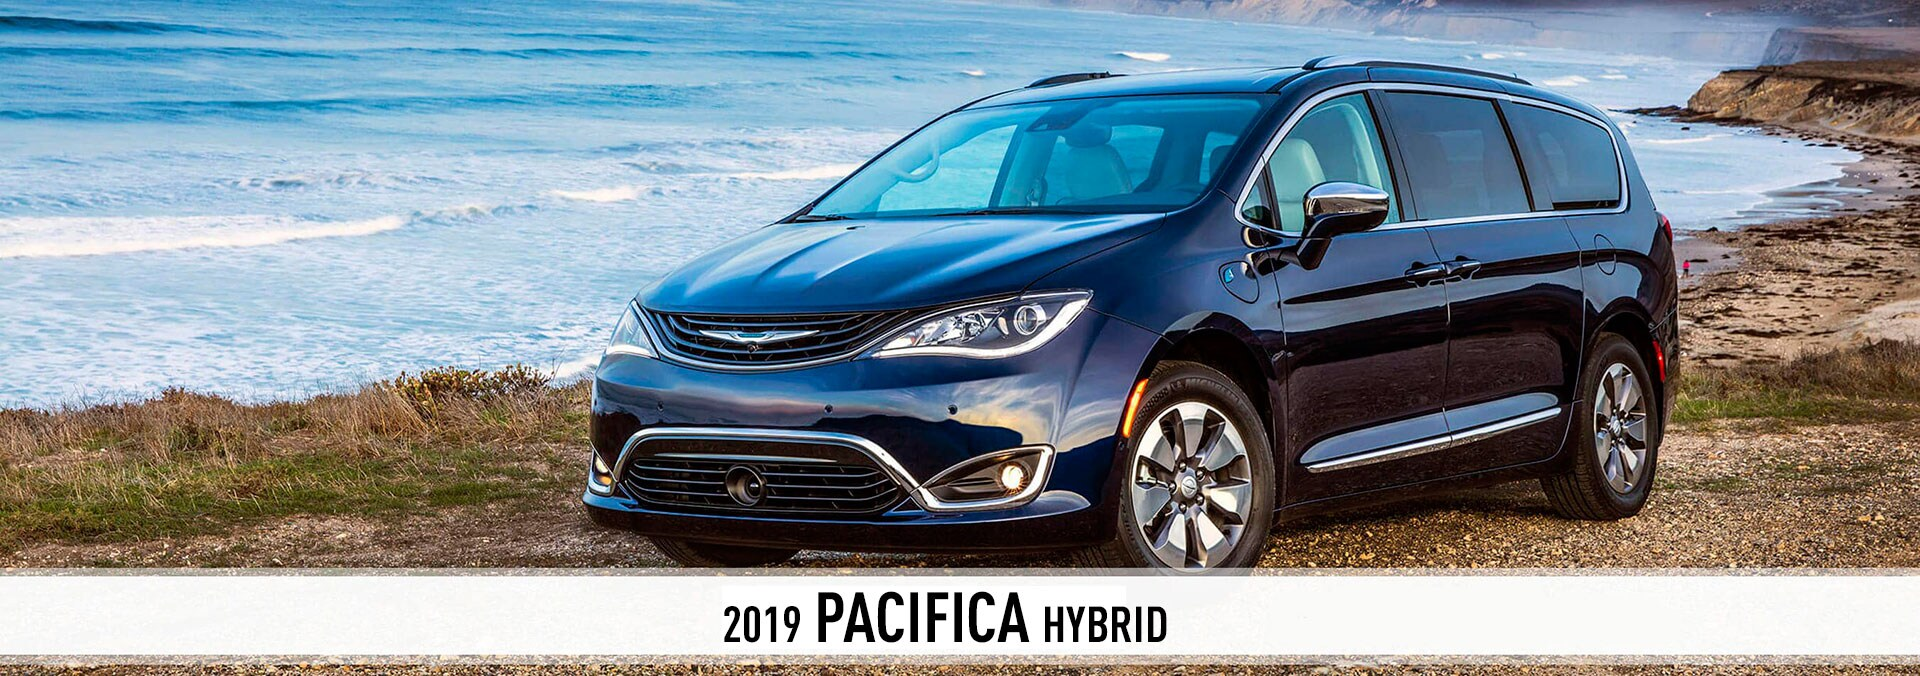 Huge savings on 2019 Chrysler Pacifica Hybrid | 400 Chrysler Dodge